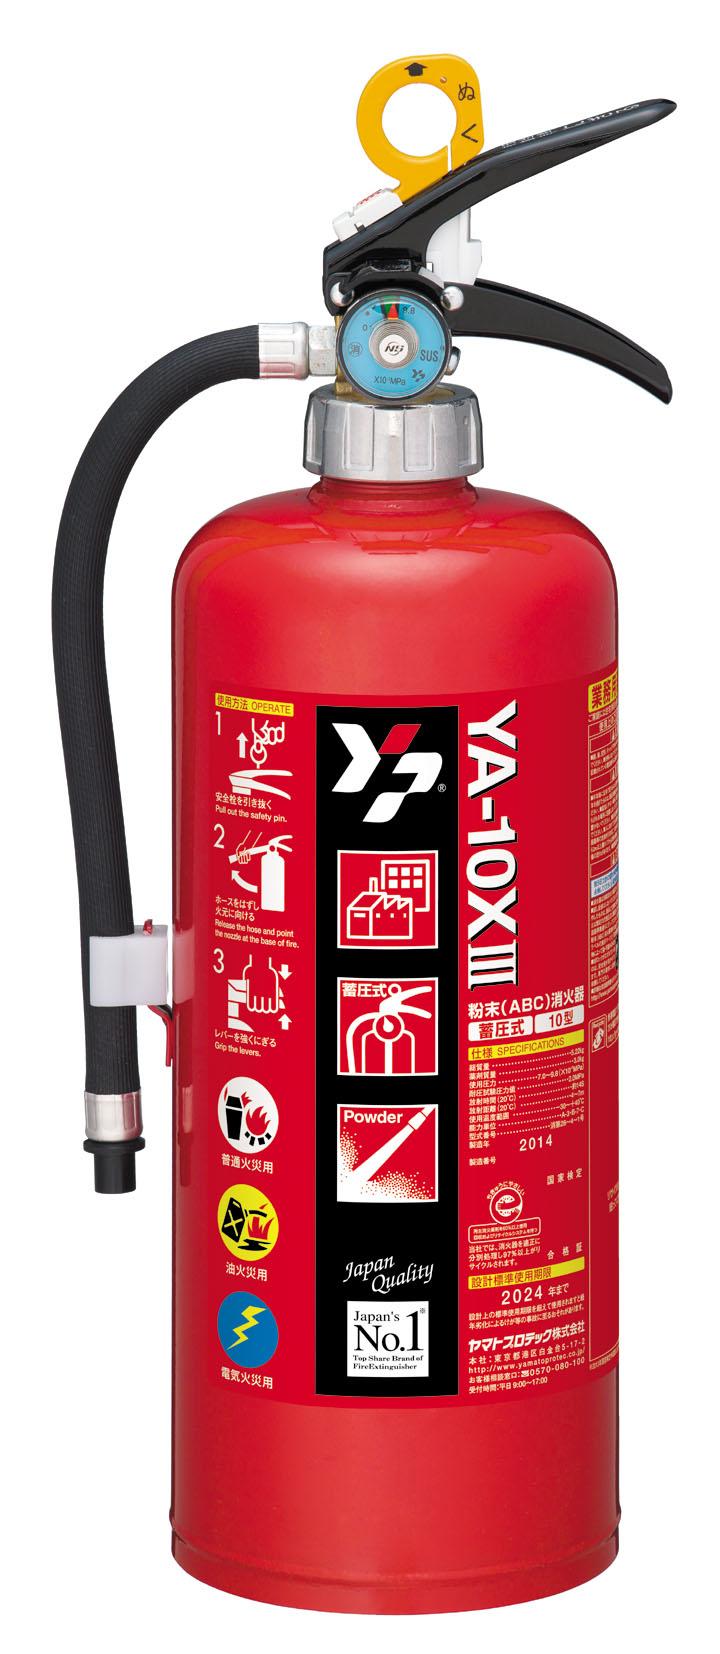 粉末(ABC)蓄圧式消火器 YA-10XⅢ(2)